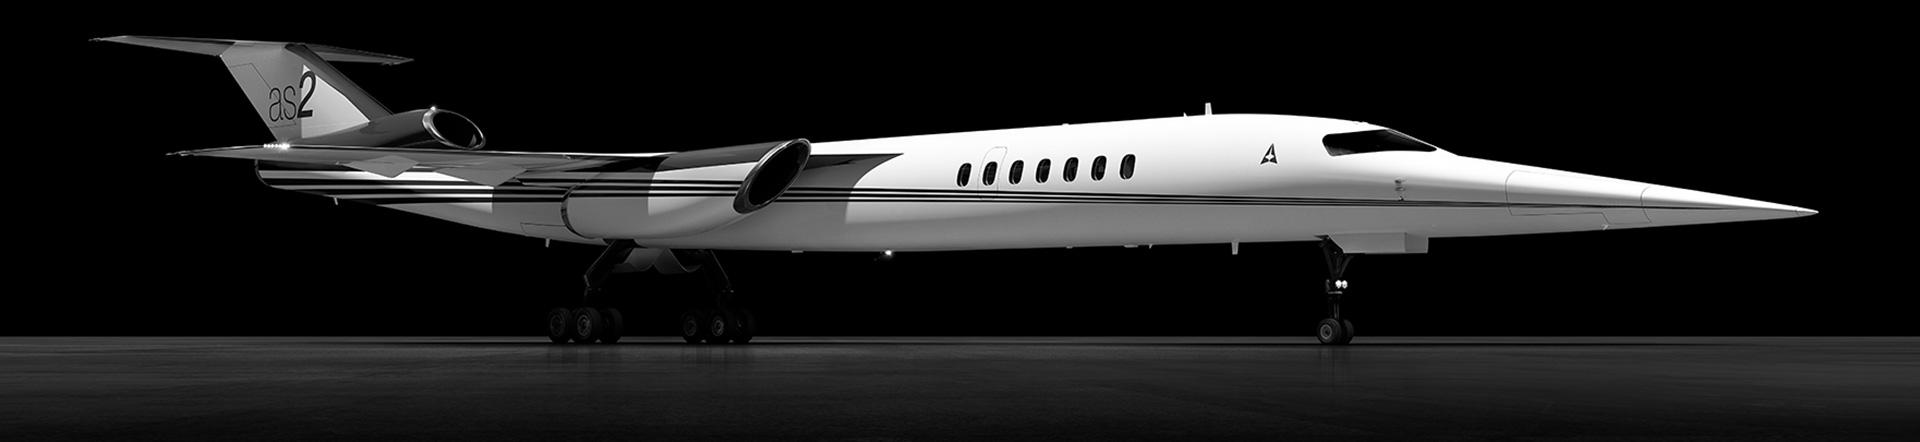 El avión supersónico de Boeing va tomando forma